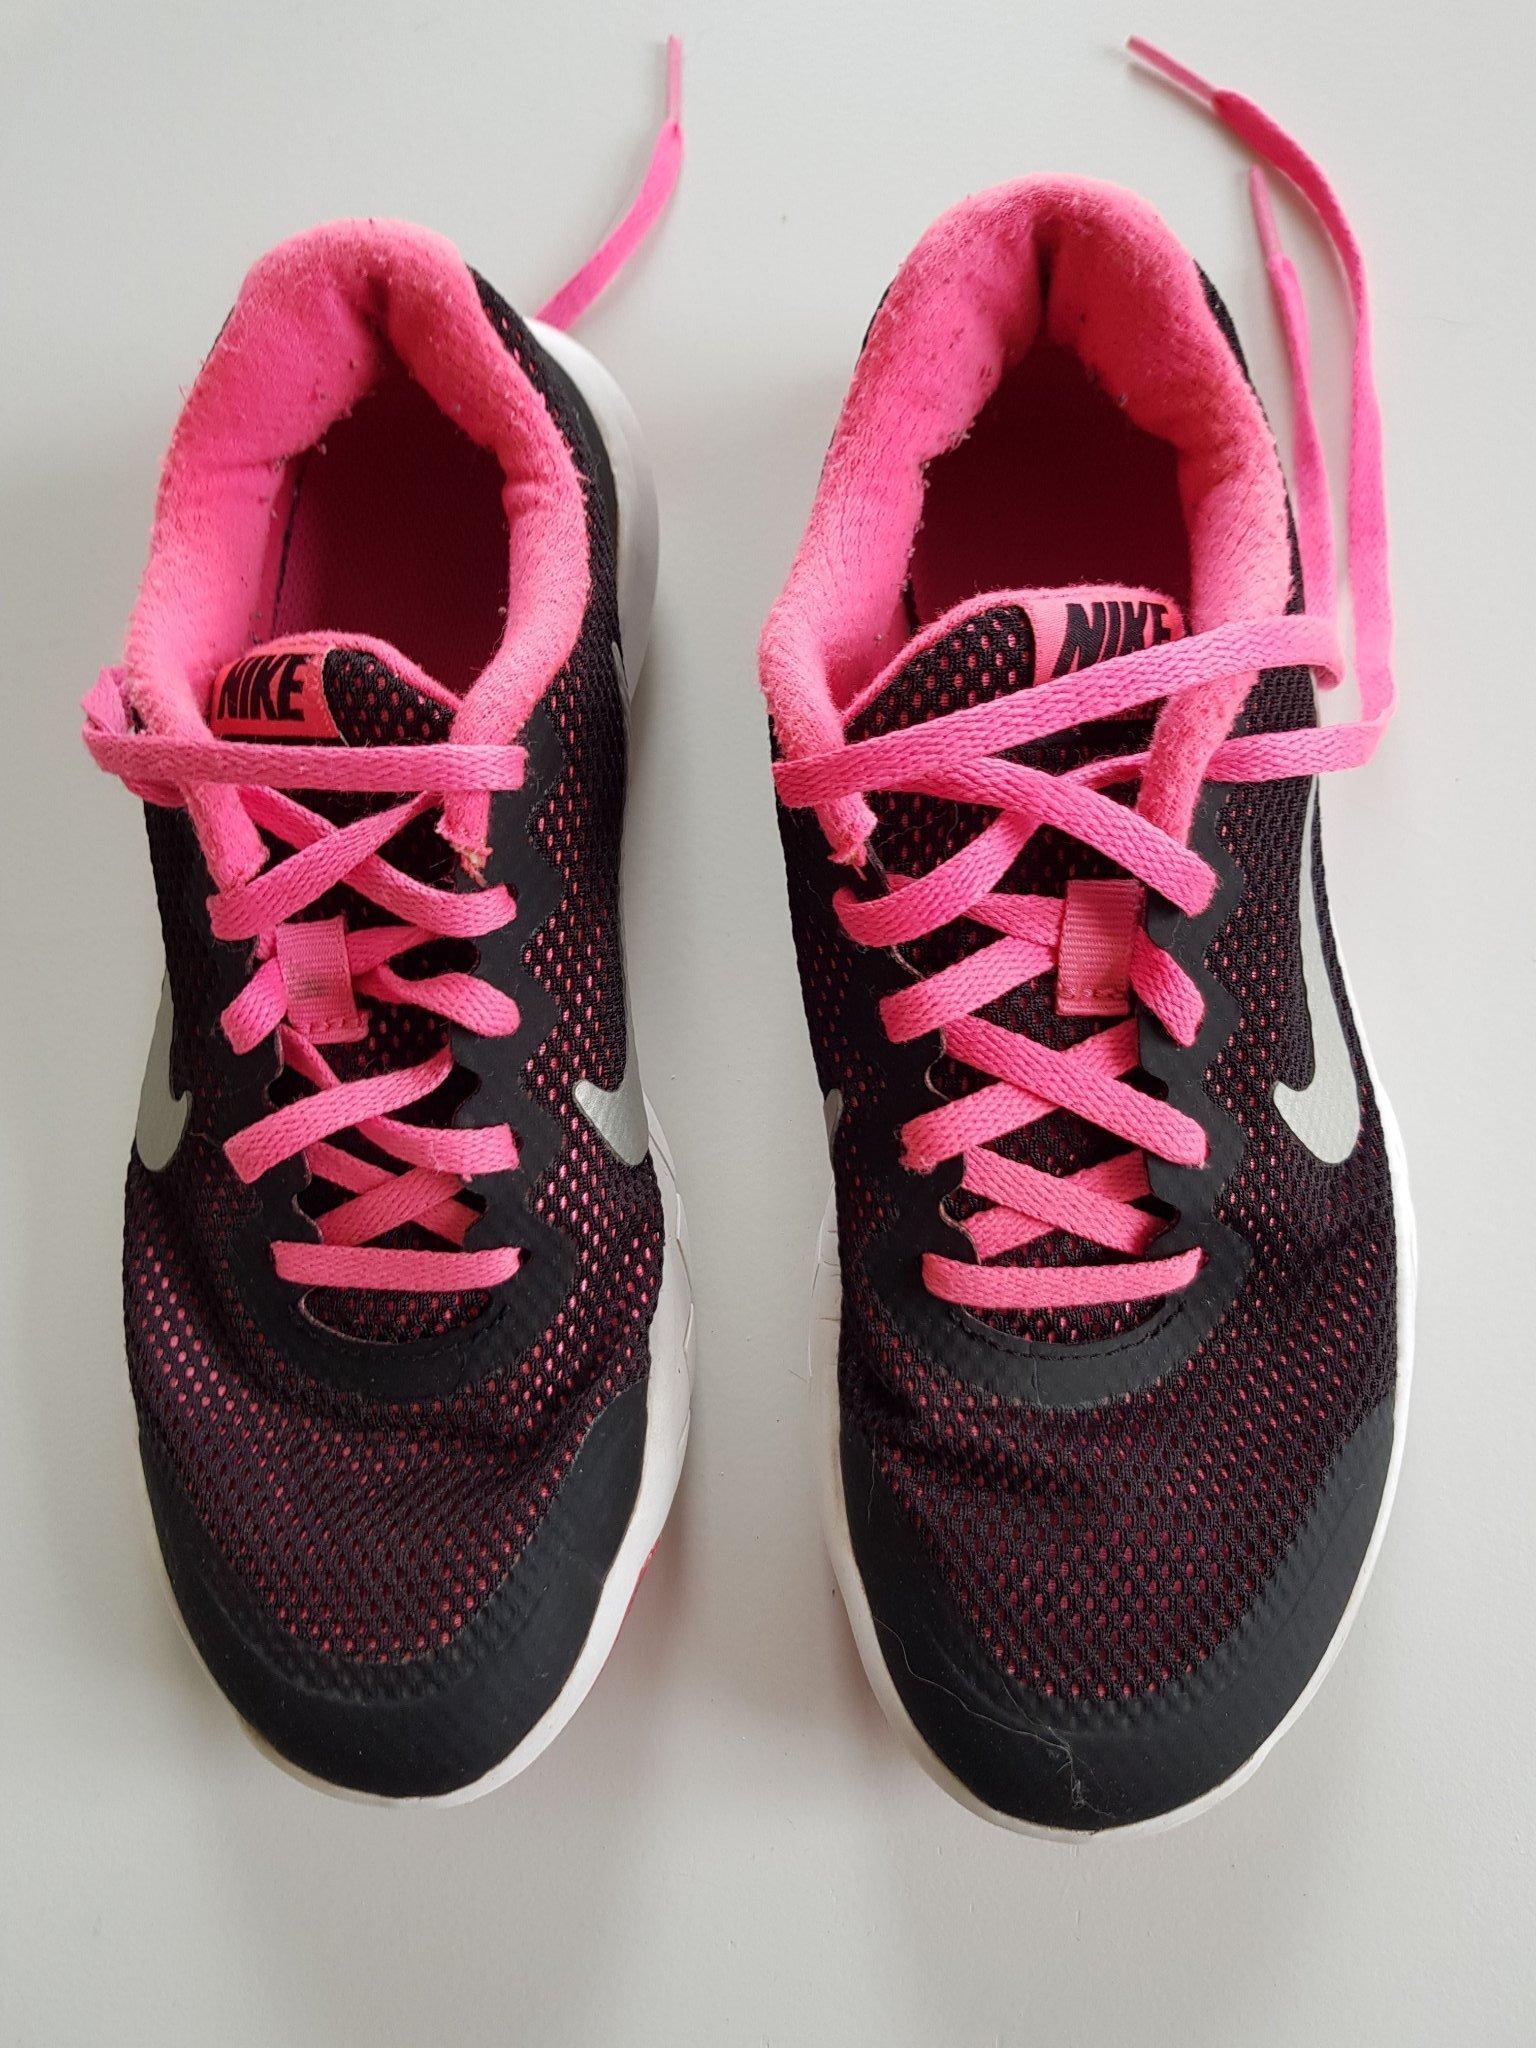 Nike skor storlek 36,5 (357508060) ? K?p p? Tradera